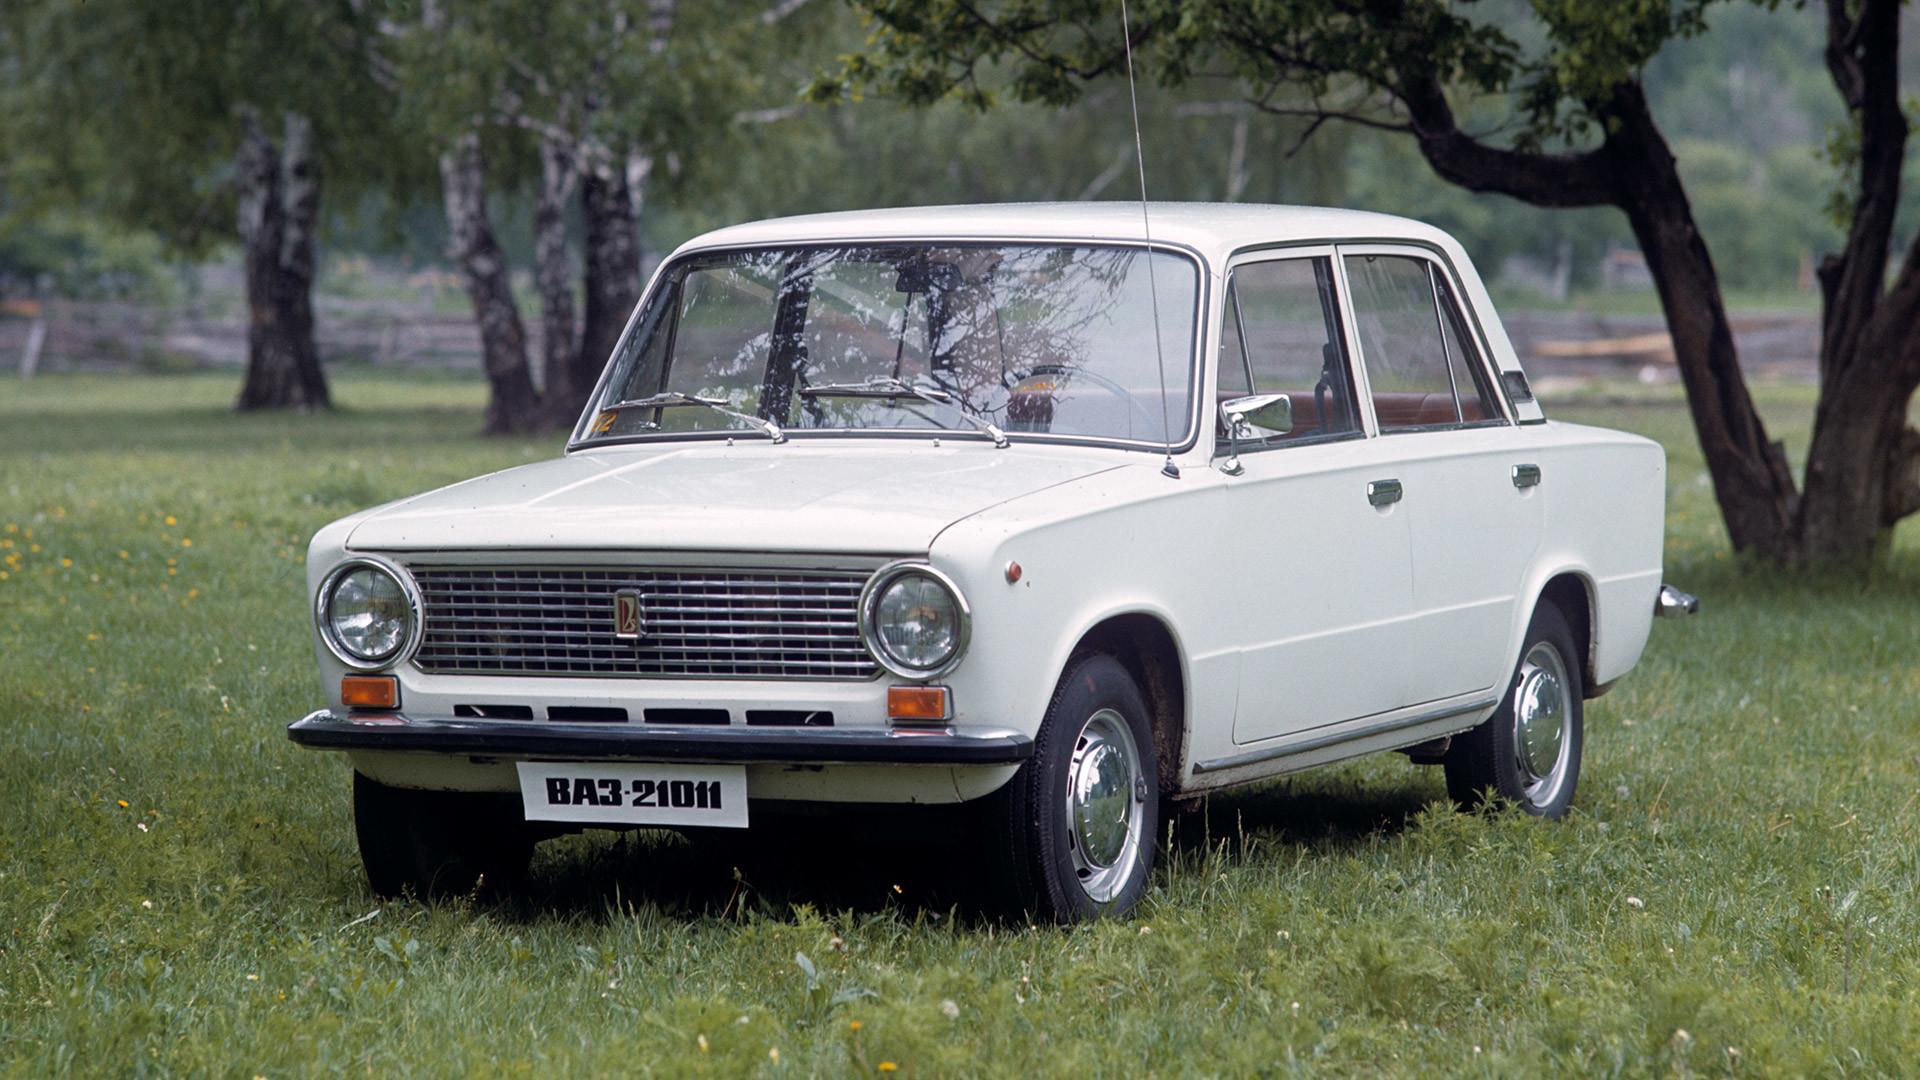 Lada 2101 aka VAZ-2101